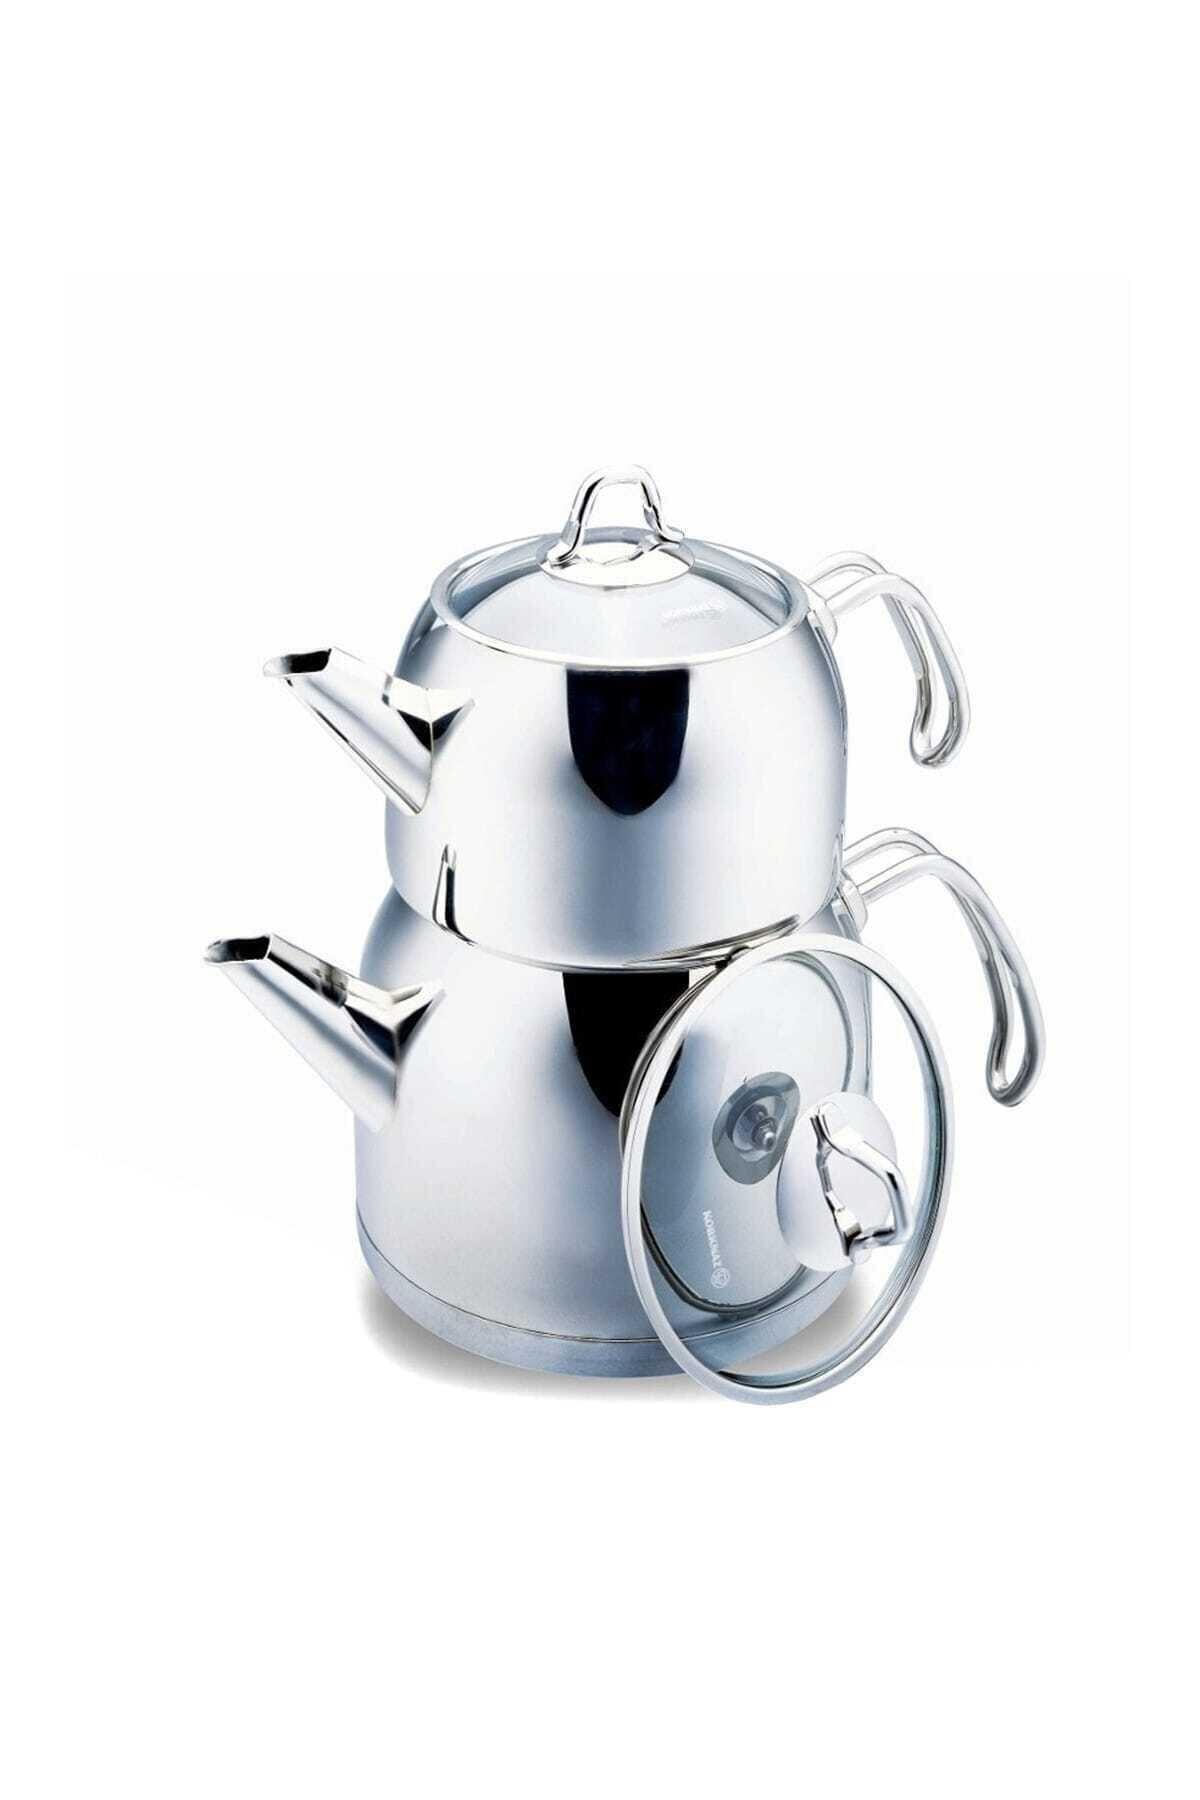 KORKMAZ Provita Midi Çaydanlık Takımı A101 1